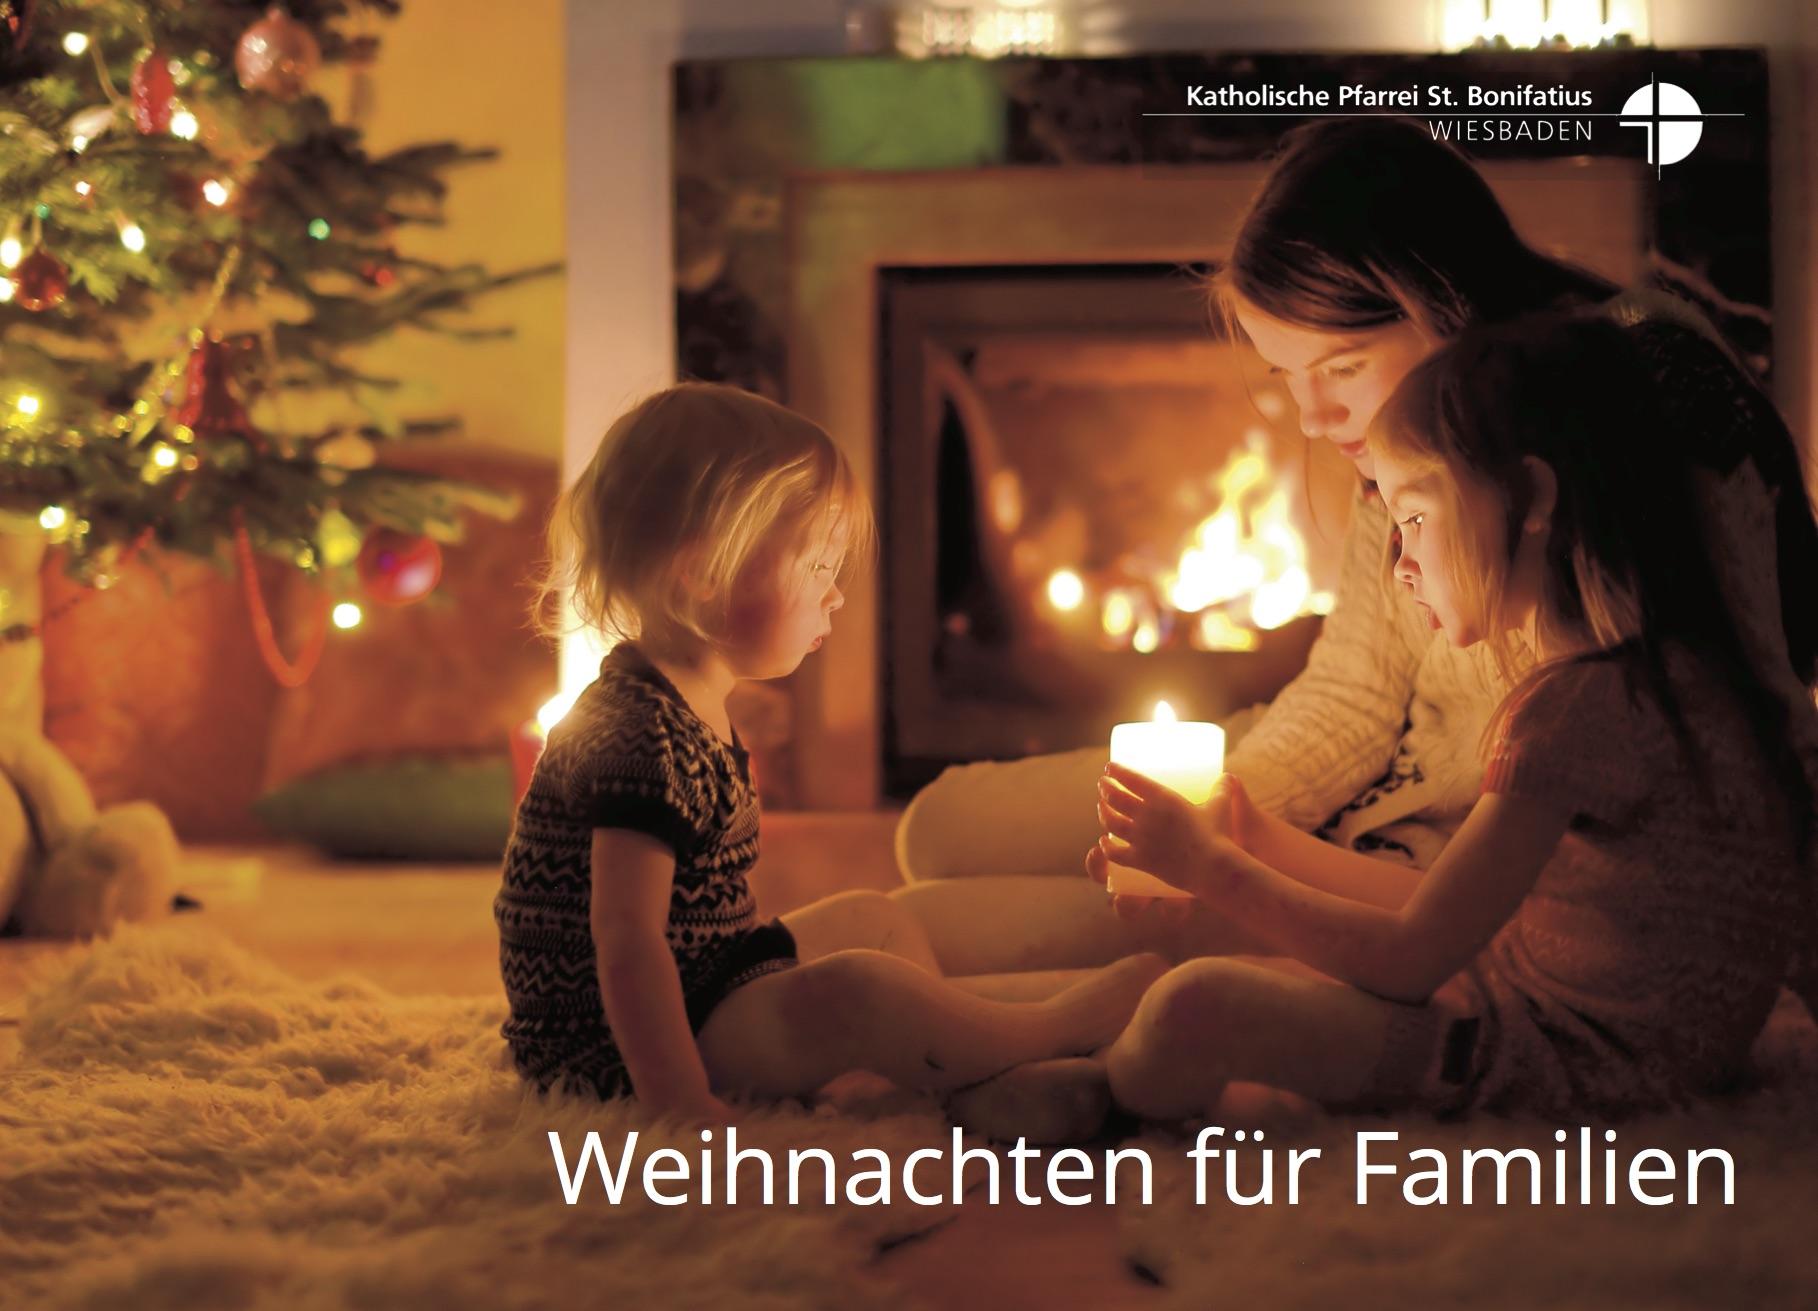 Am Nachmittag des Heiligen Abends finden in unseren Kirchen viele Gottesdienste für Familien statt.